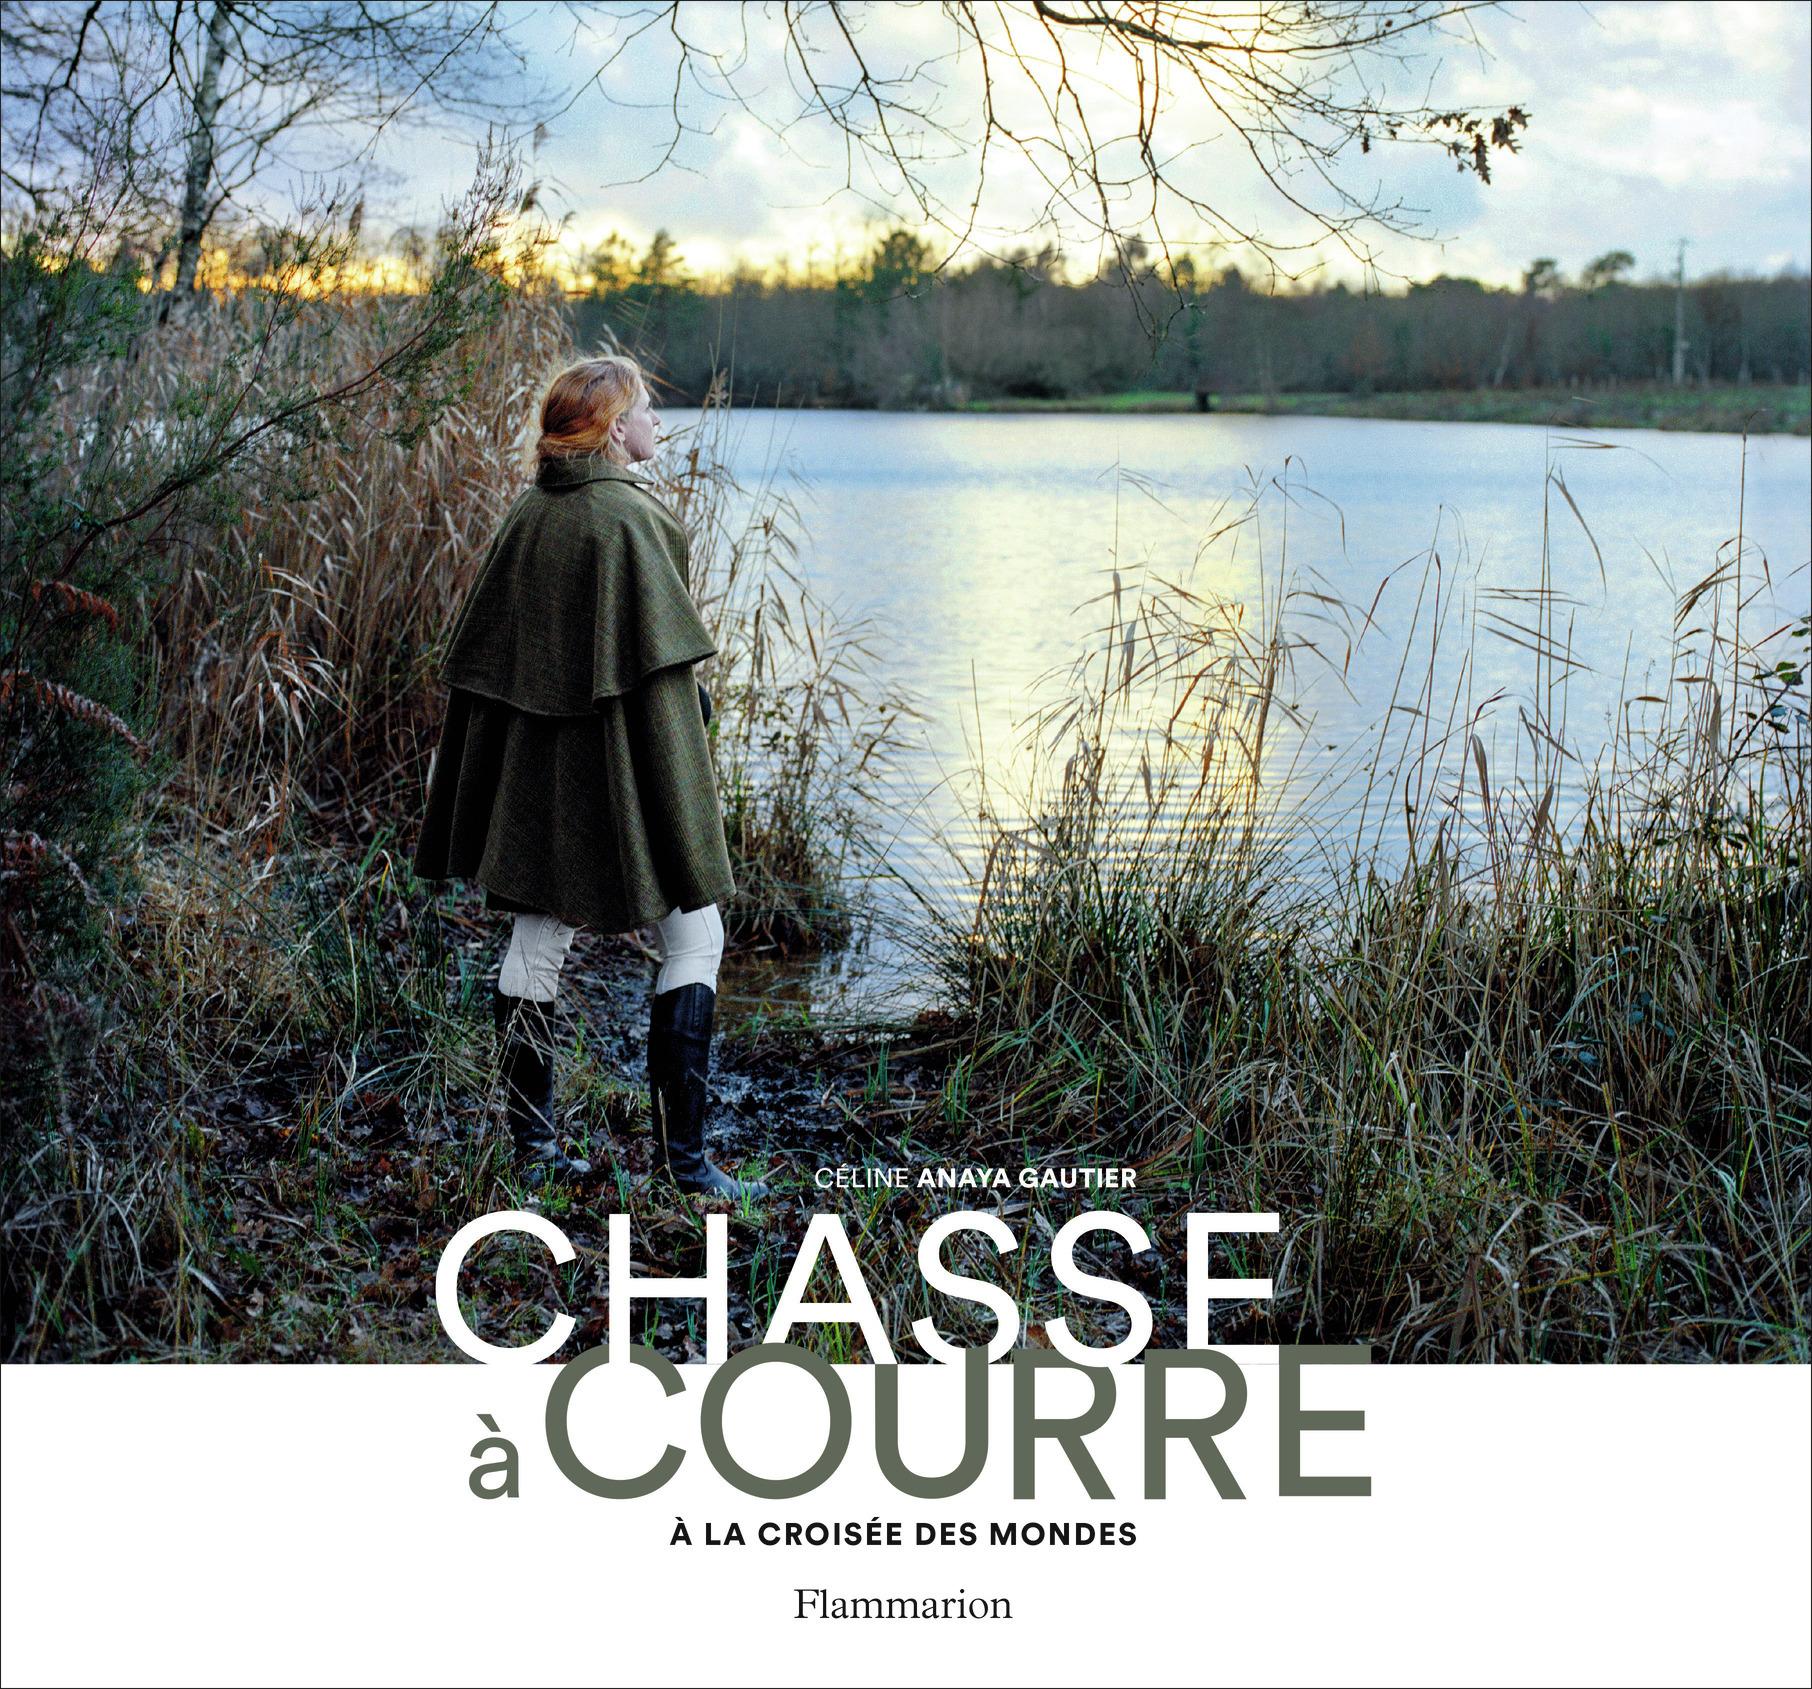 CHASSE A COURRE - A LA CROISEE DES MONDES